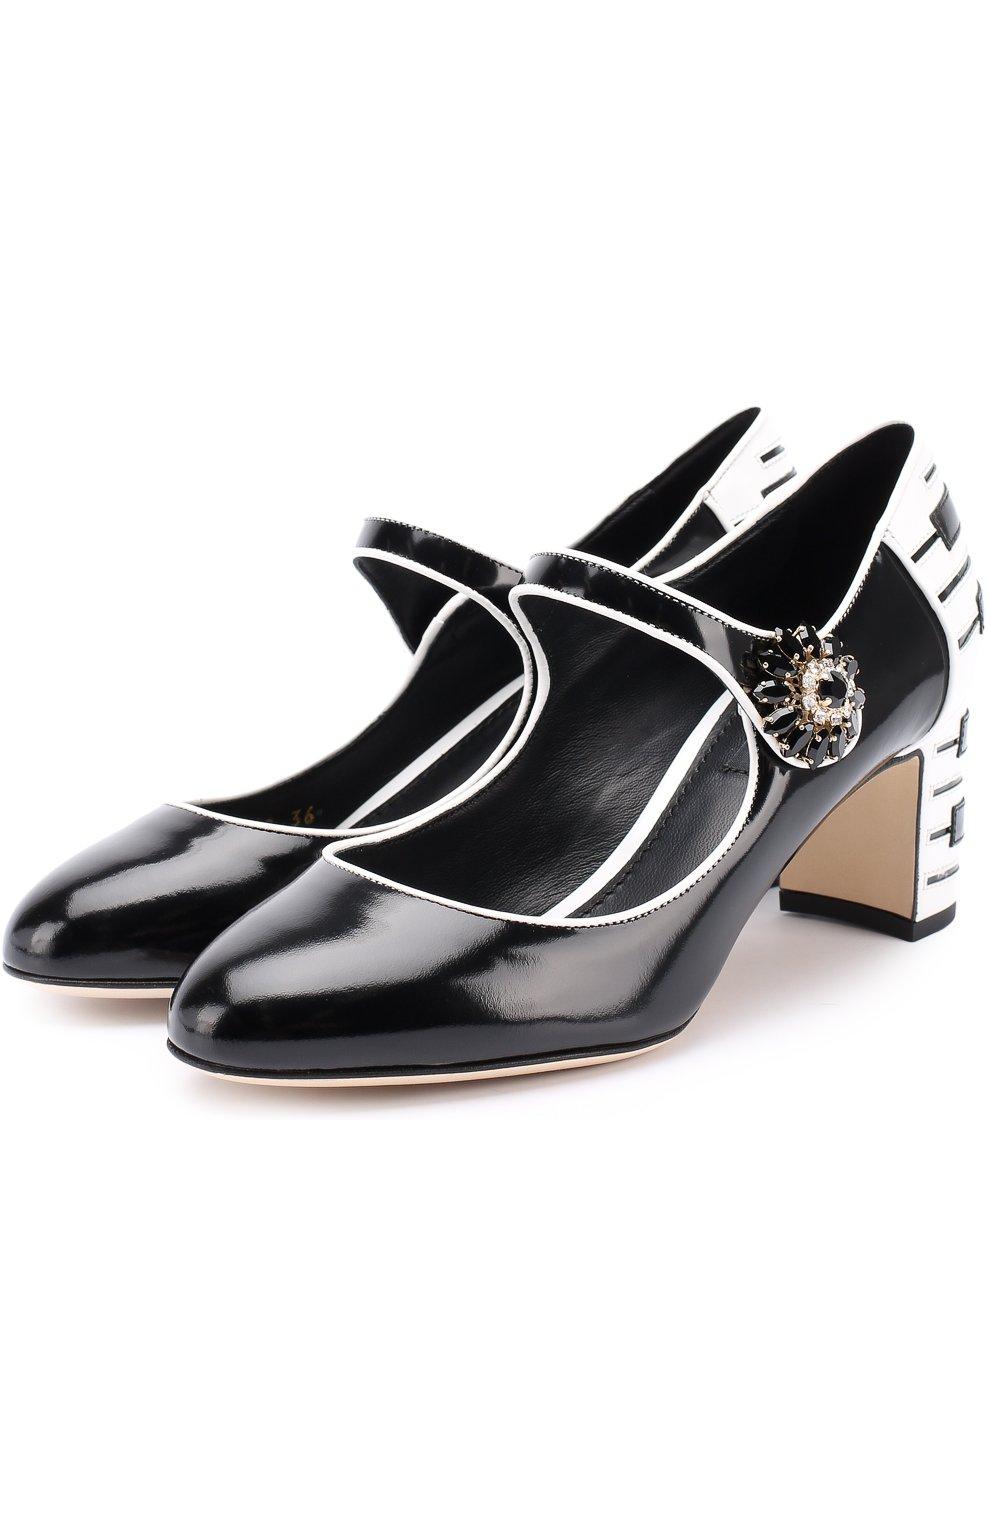 Кожаные туфли Vally с декоративной отделкой   Фото №1